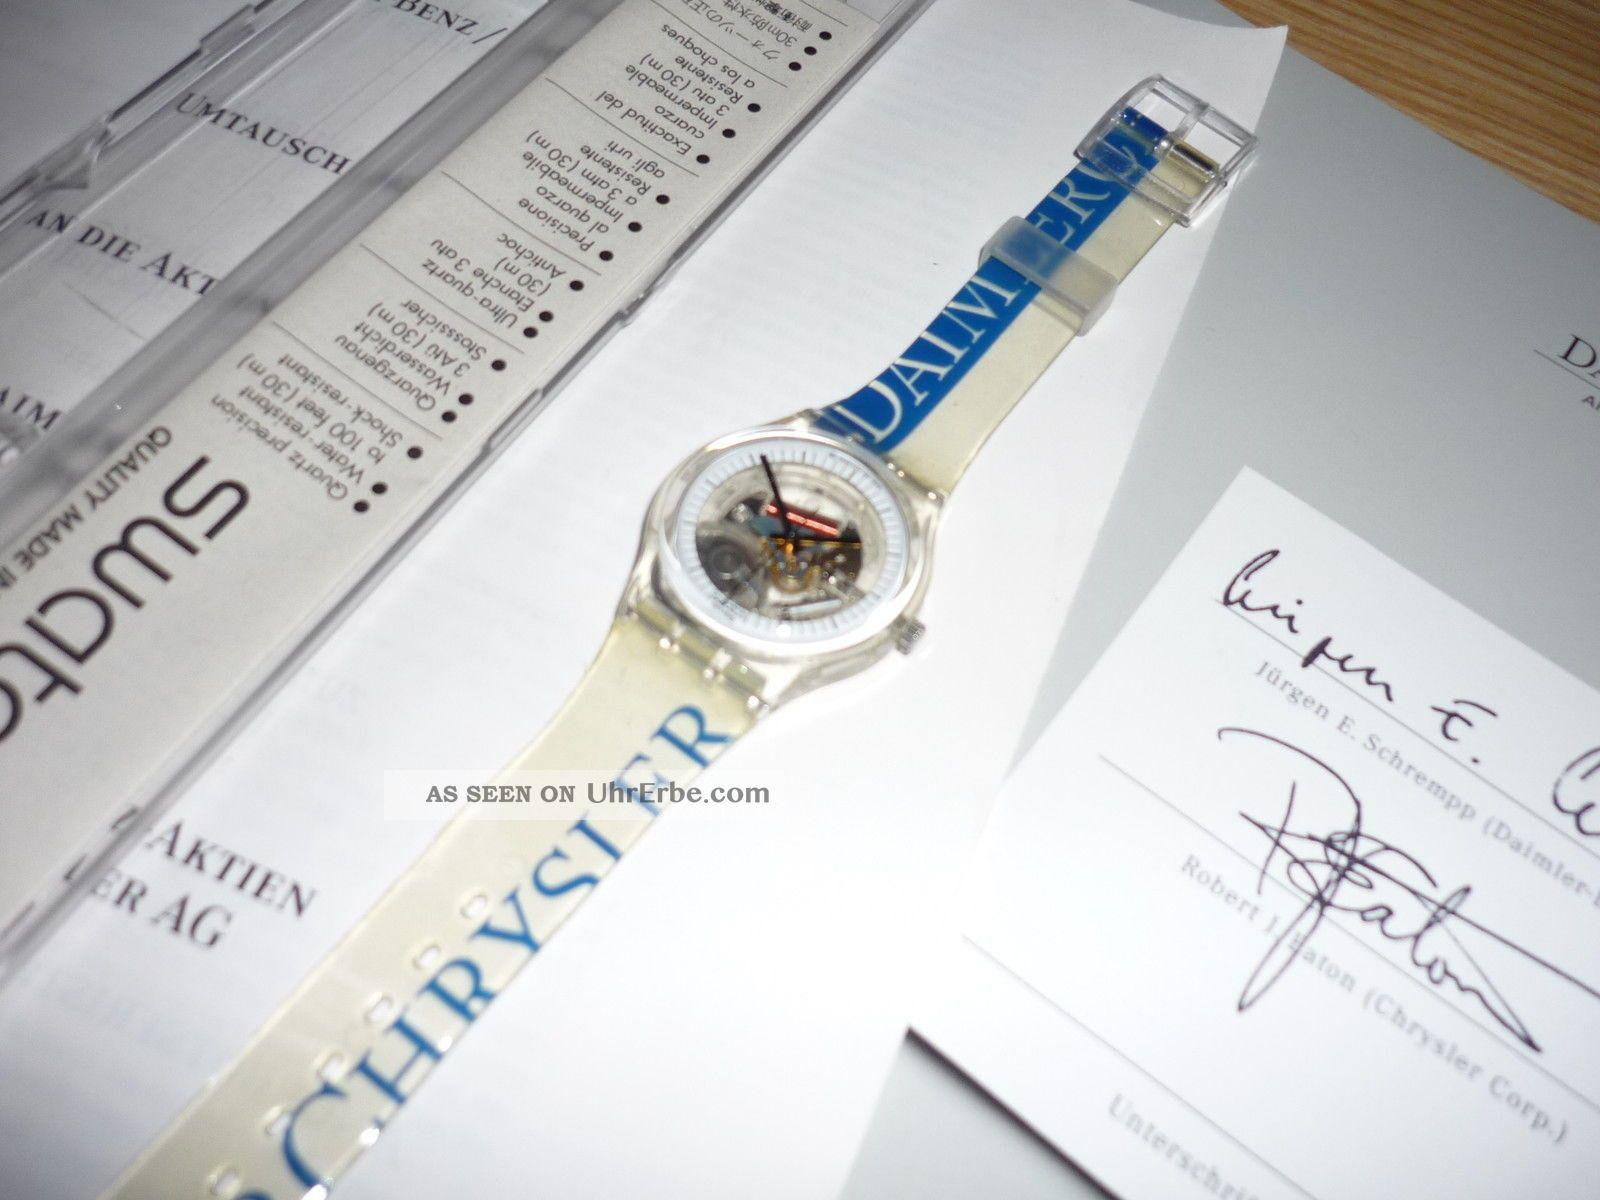 Swatch Sammlerstück Daimler Chrysler Uhr Mit Unterlagen Armbanduhren Bild